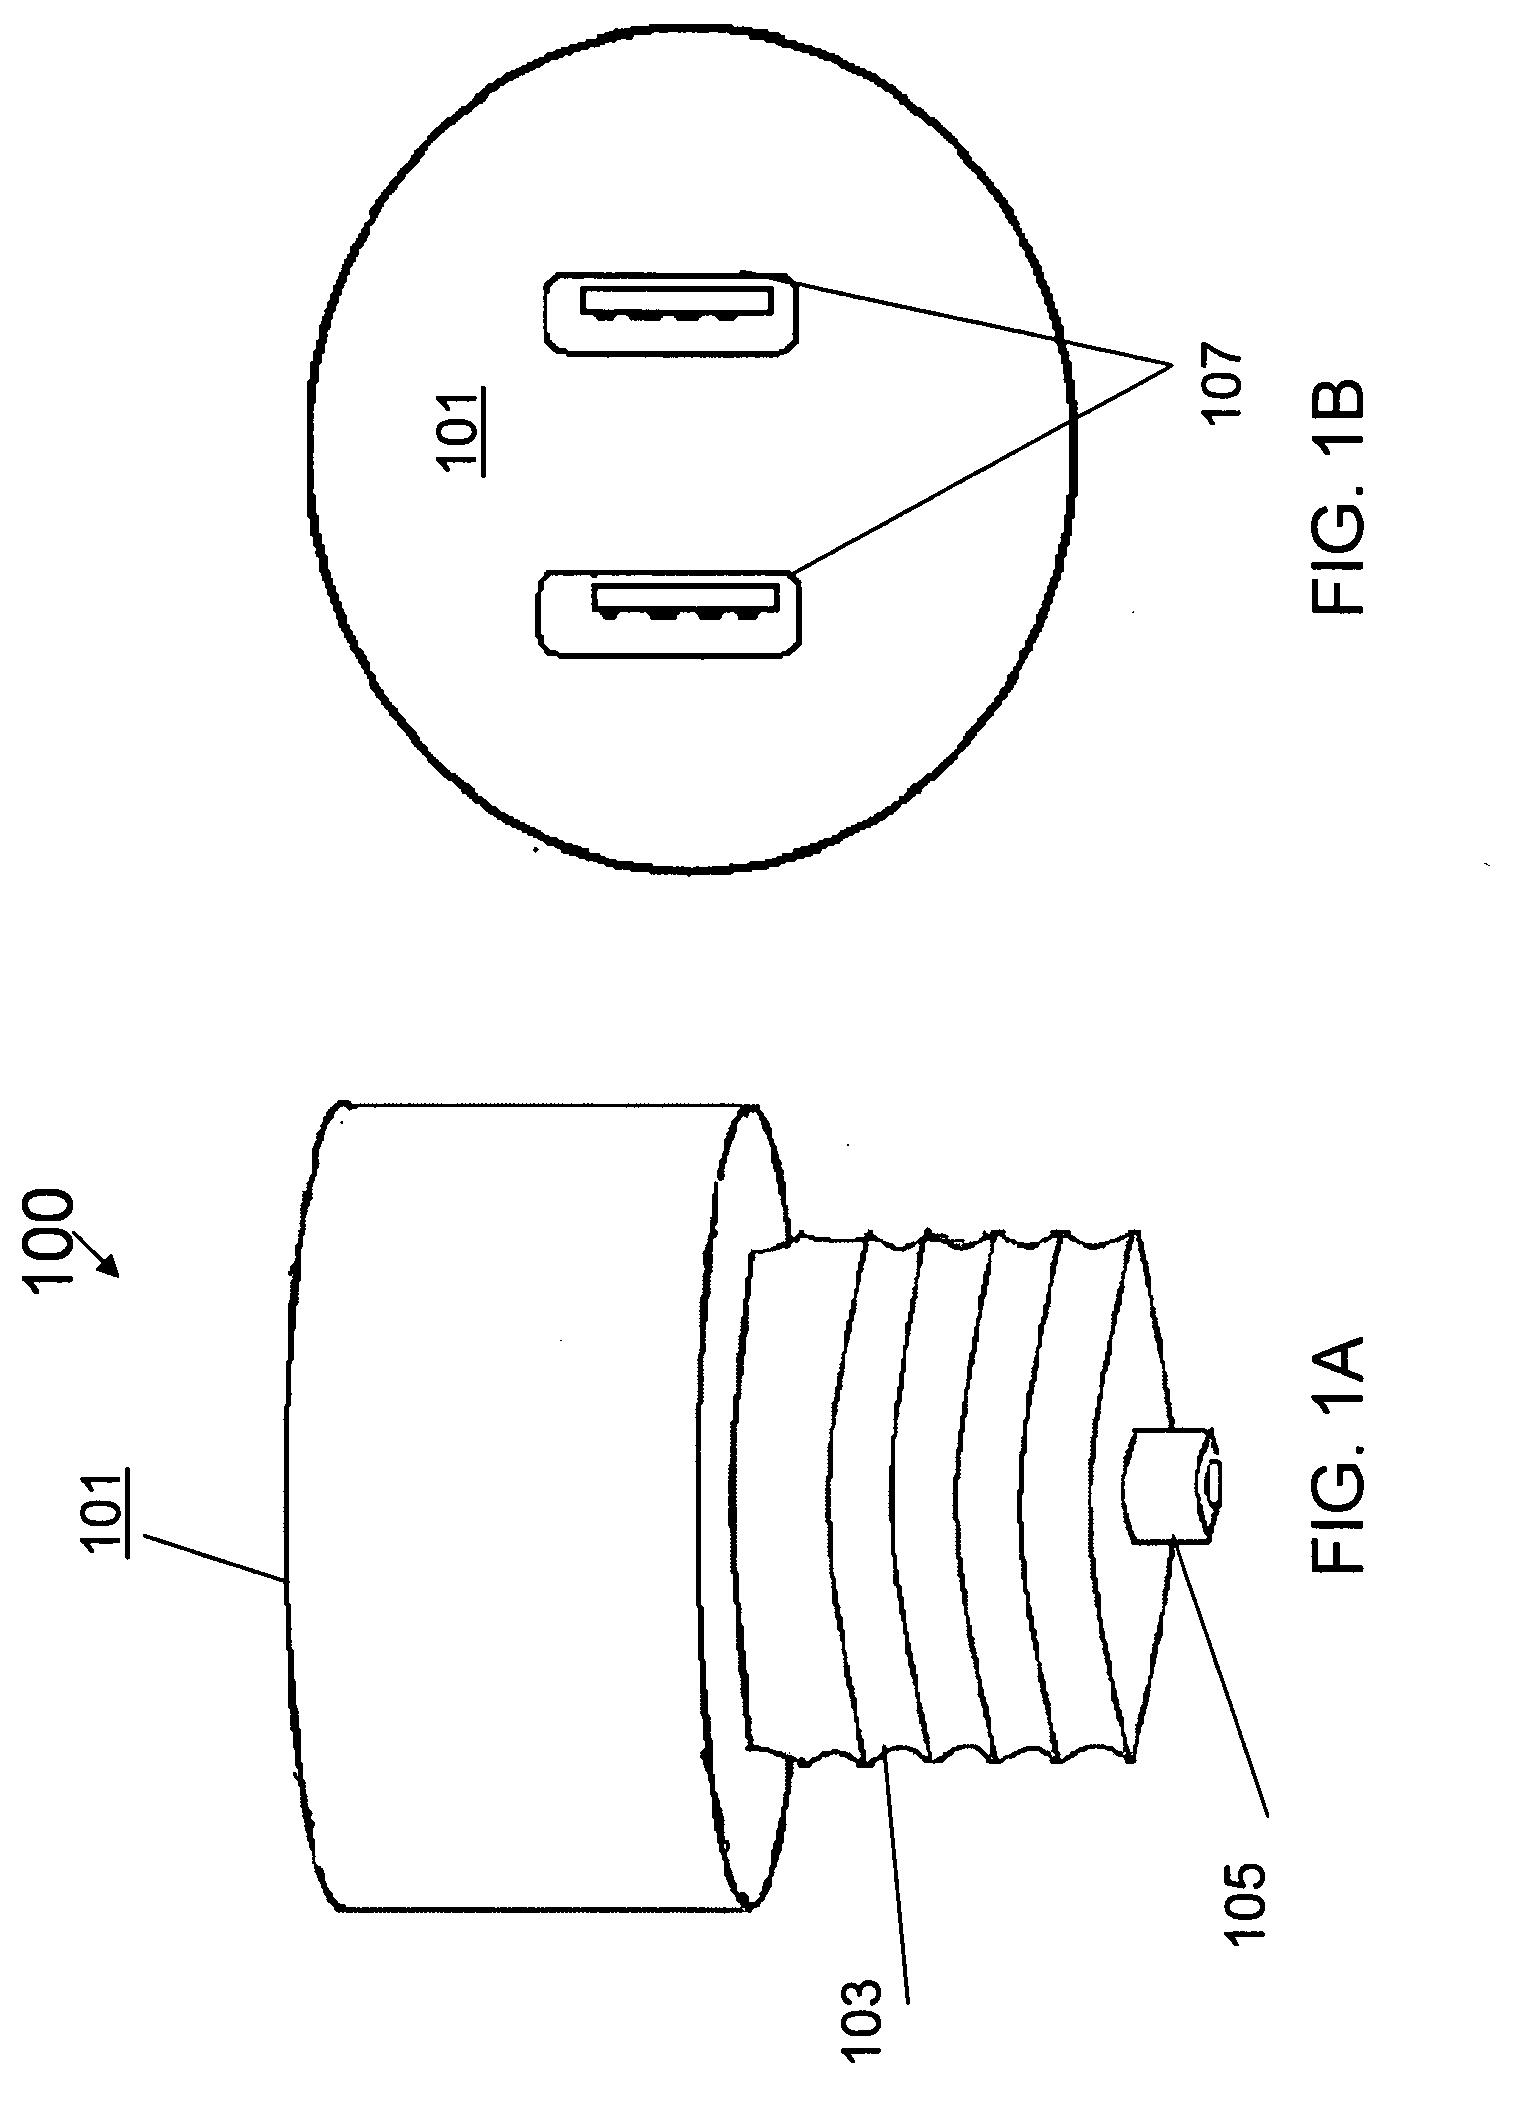 patent us20100330843